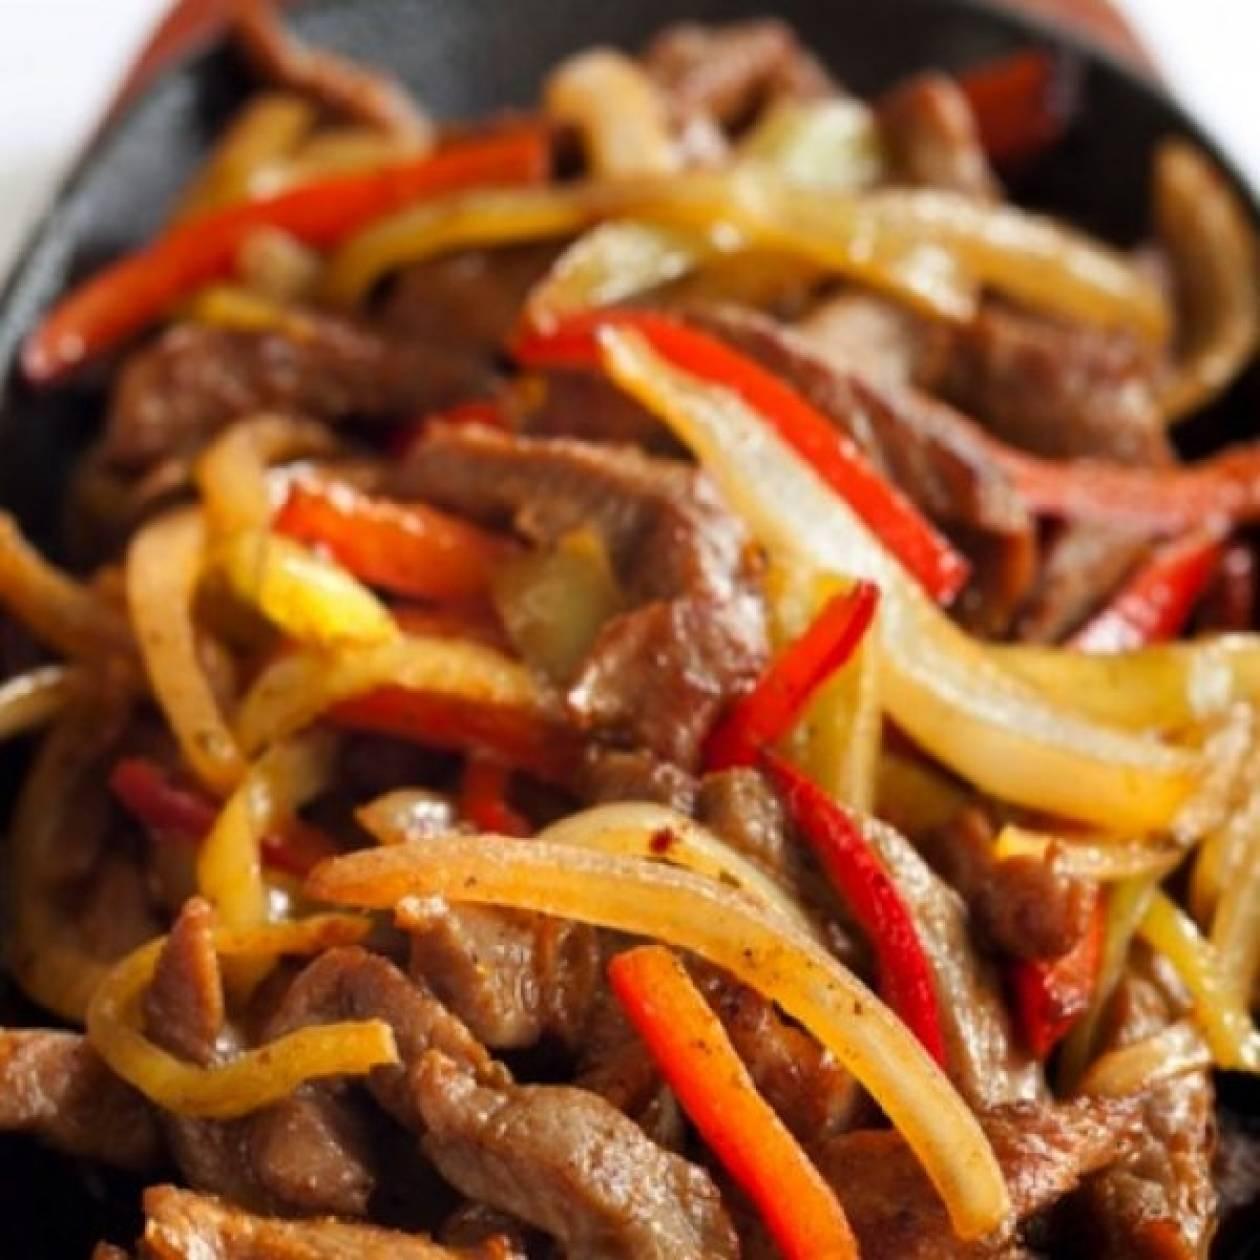 Ψιλοκομμένη γαλοπούλα με λαχανικά για την πιο απολαυστική δίαιτα